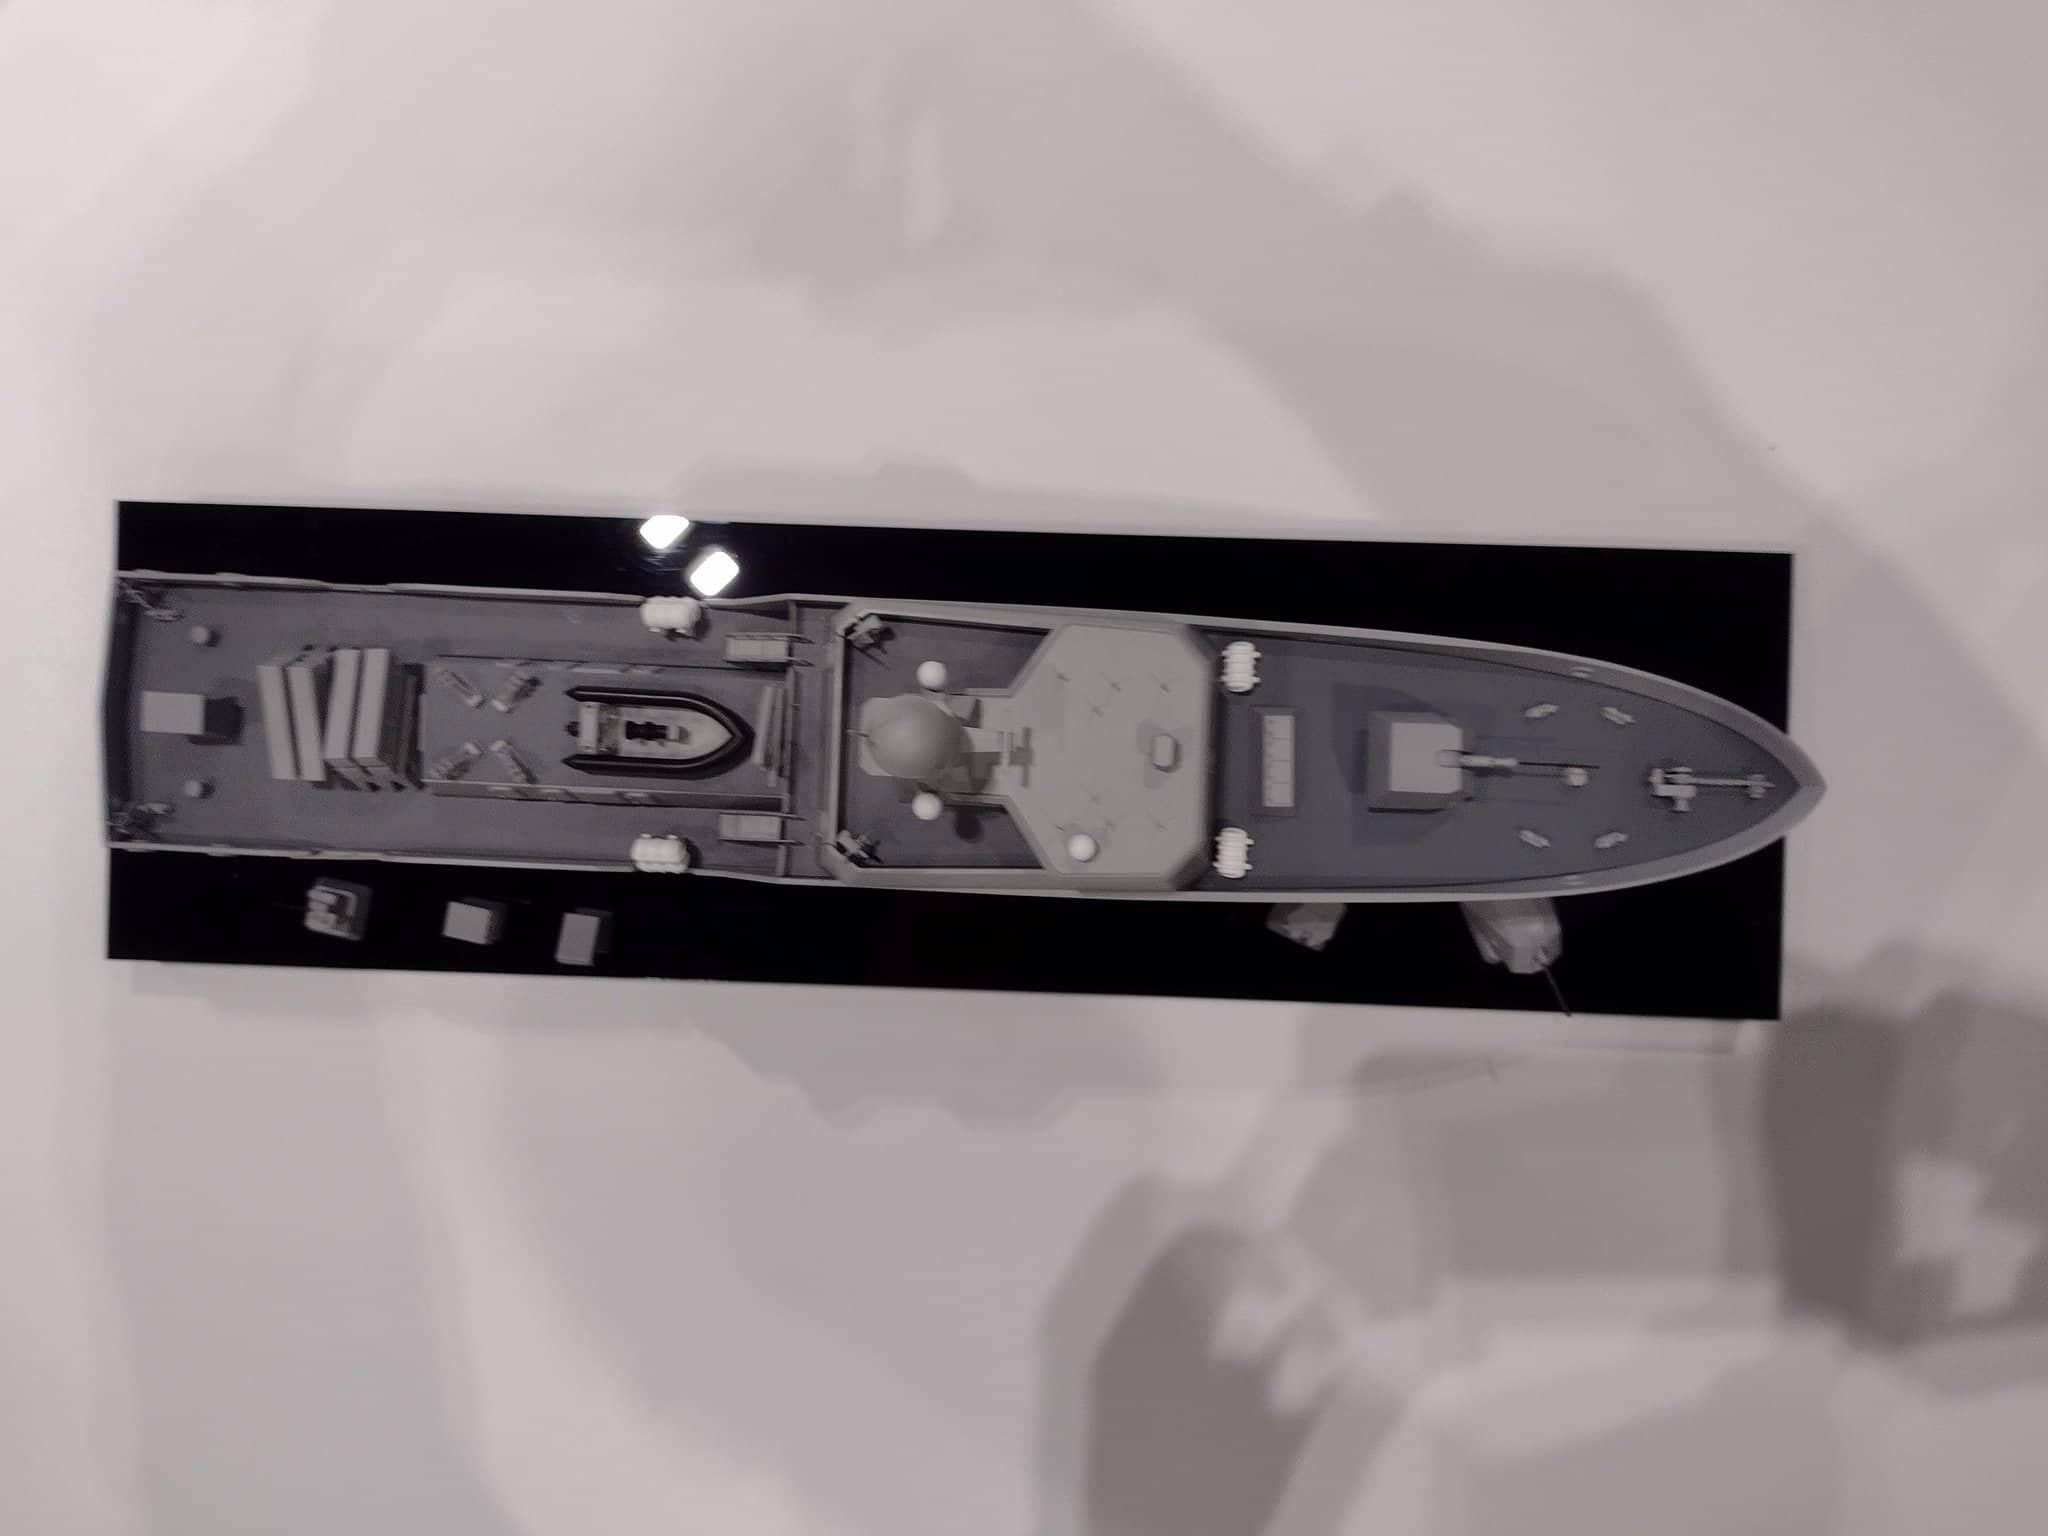 Проєкт ракетного катера презентовано компанією Babcock International. Вересень 2021. Фото: Harry Lye